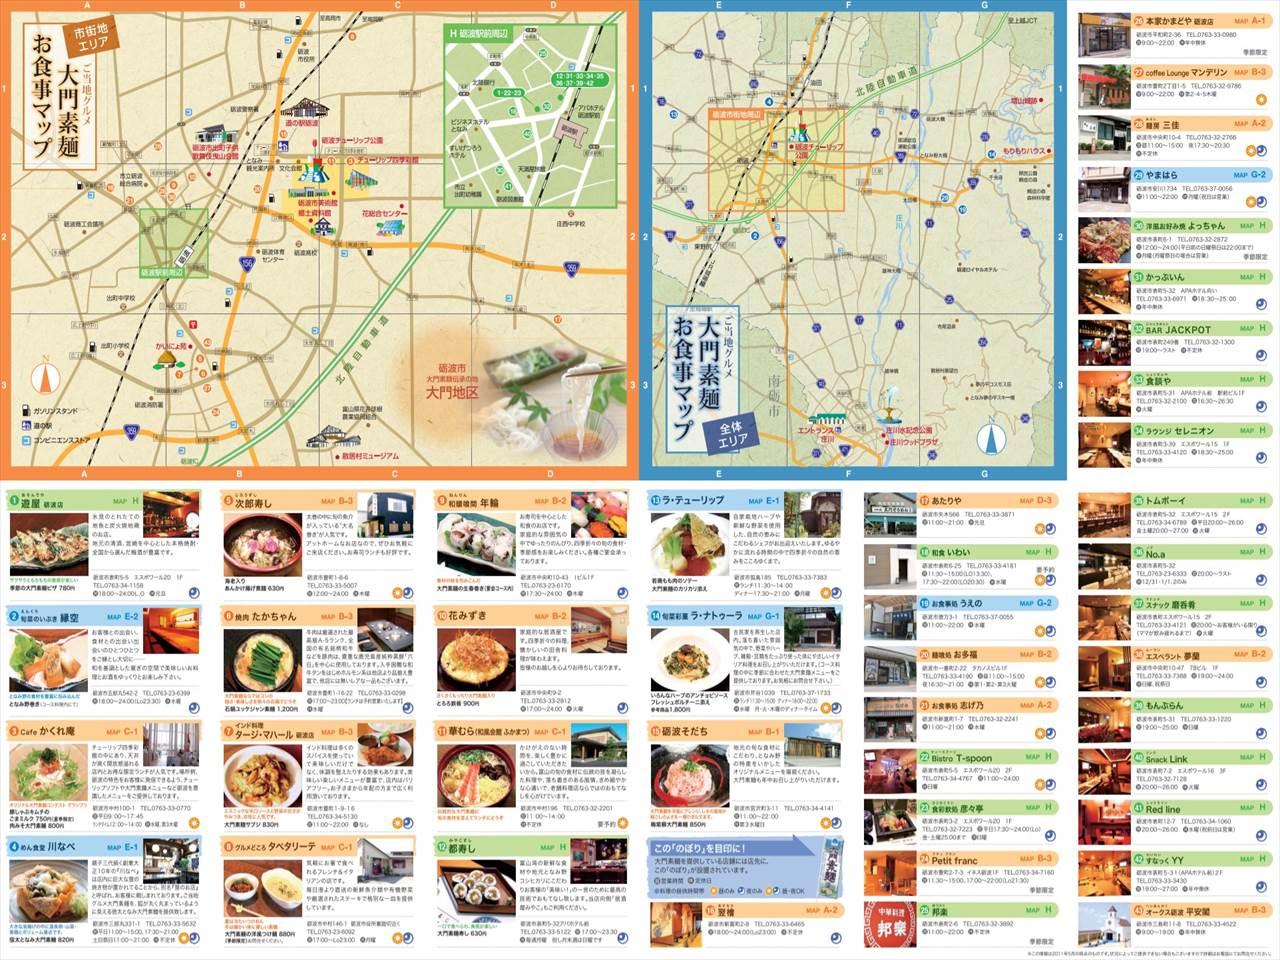 大門素麺ご当地グルメマップ